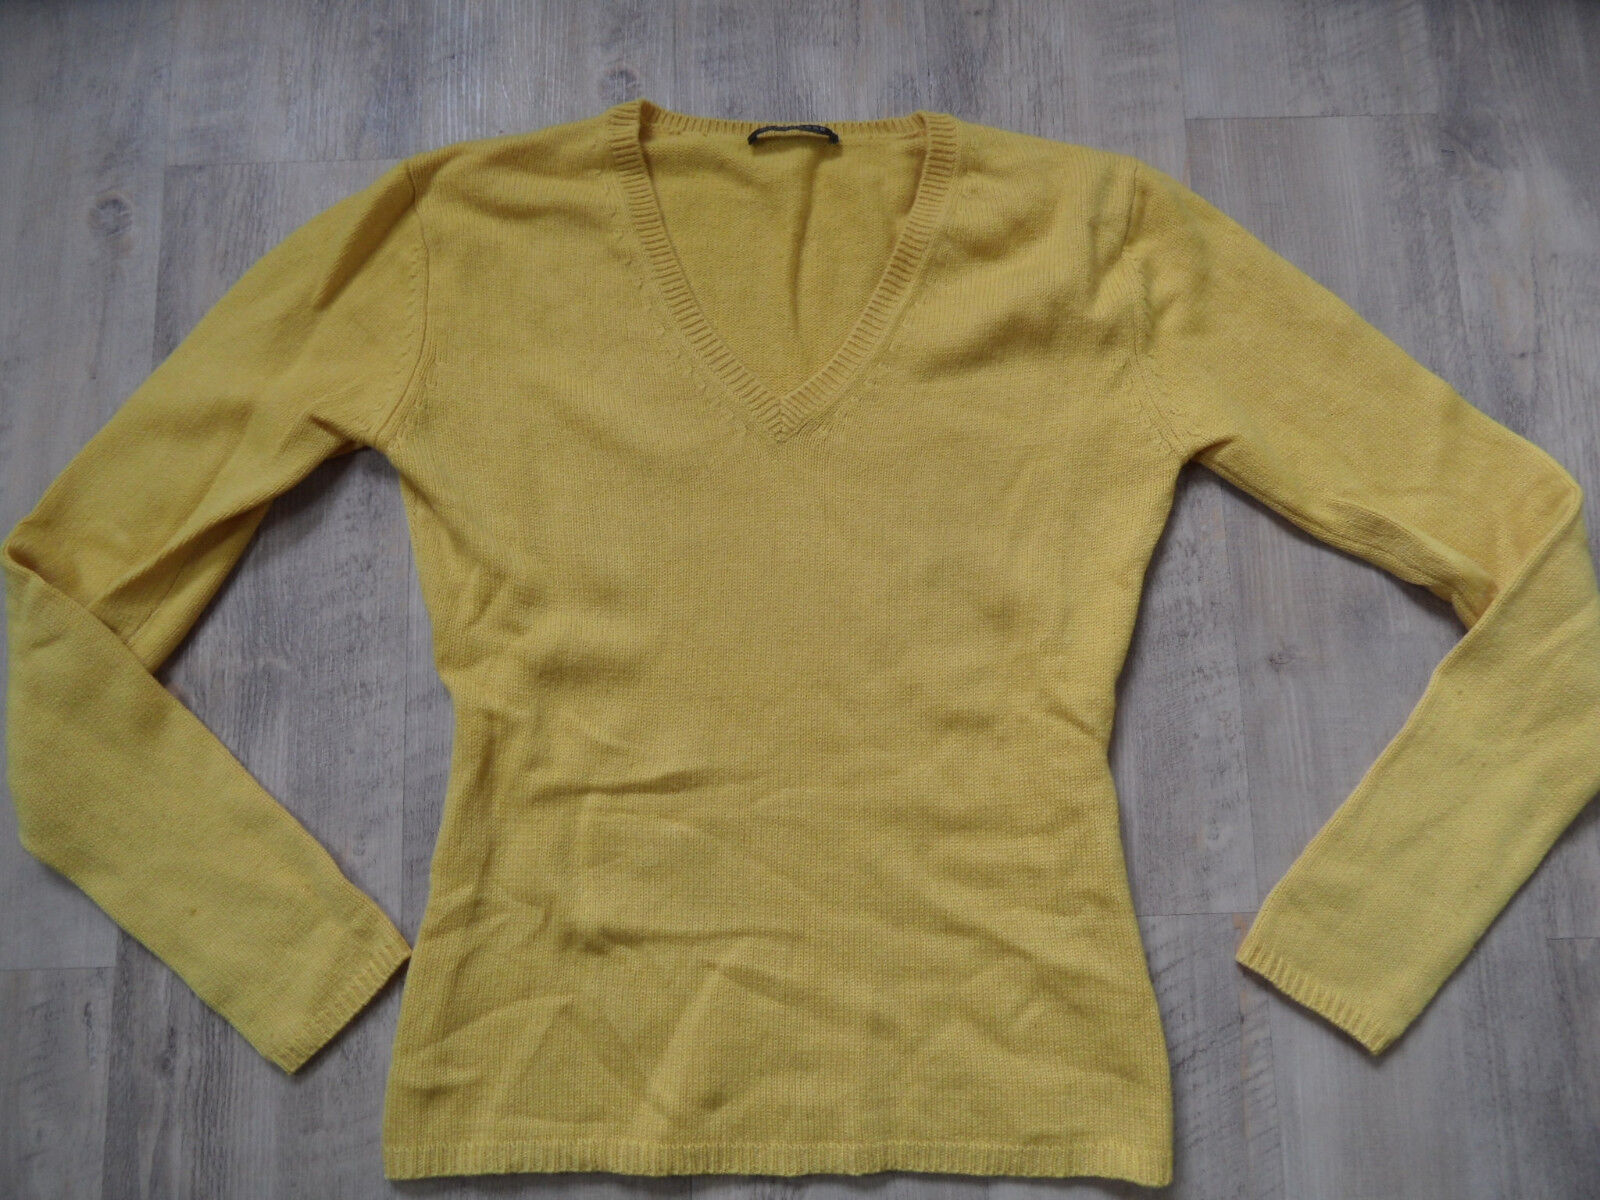 STRENESSE bel scollo a V Pullover 50% CASHMERE GIALLO GIALLO GIALLO TG. 38 Top kos418 425e90